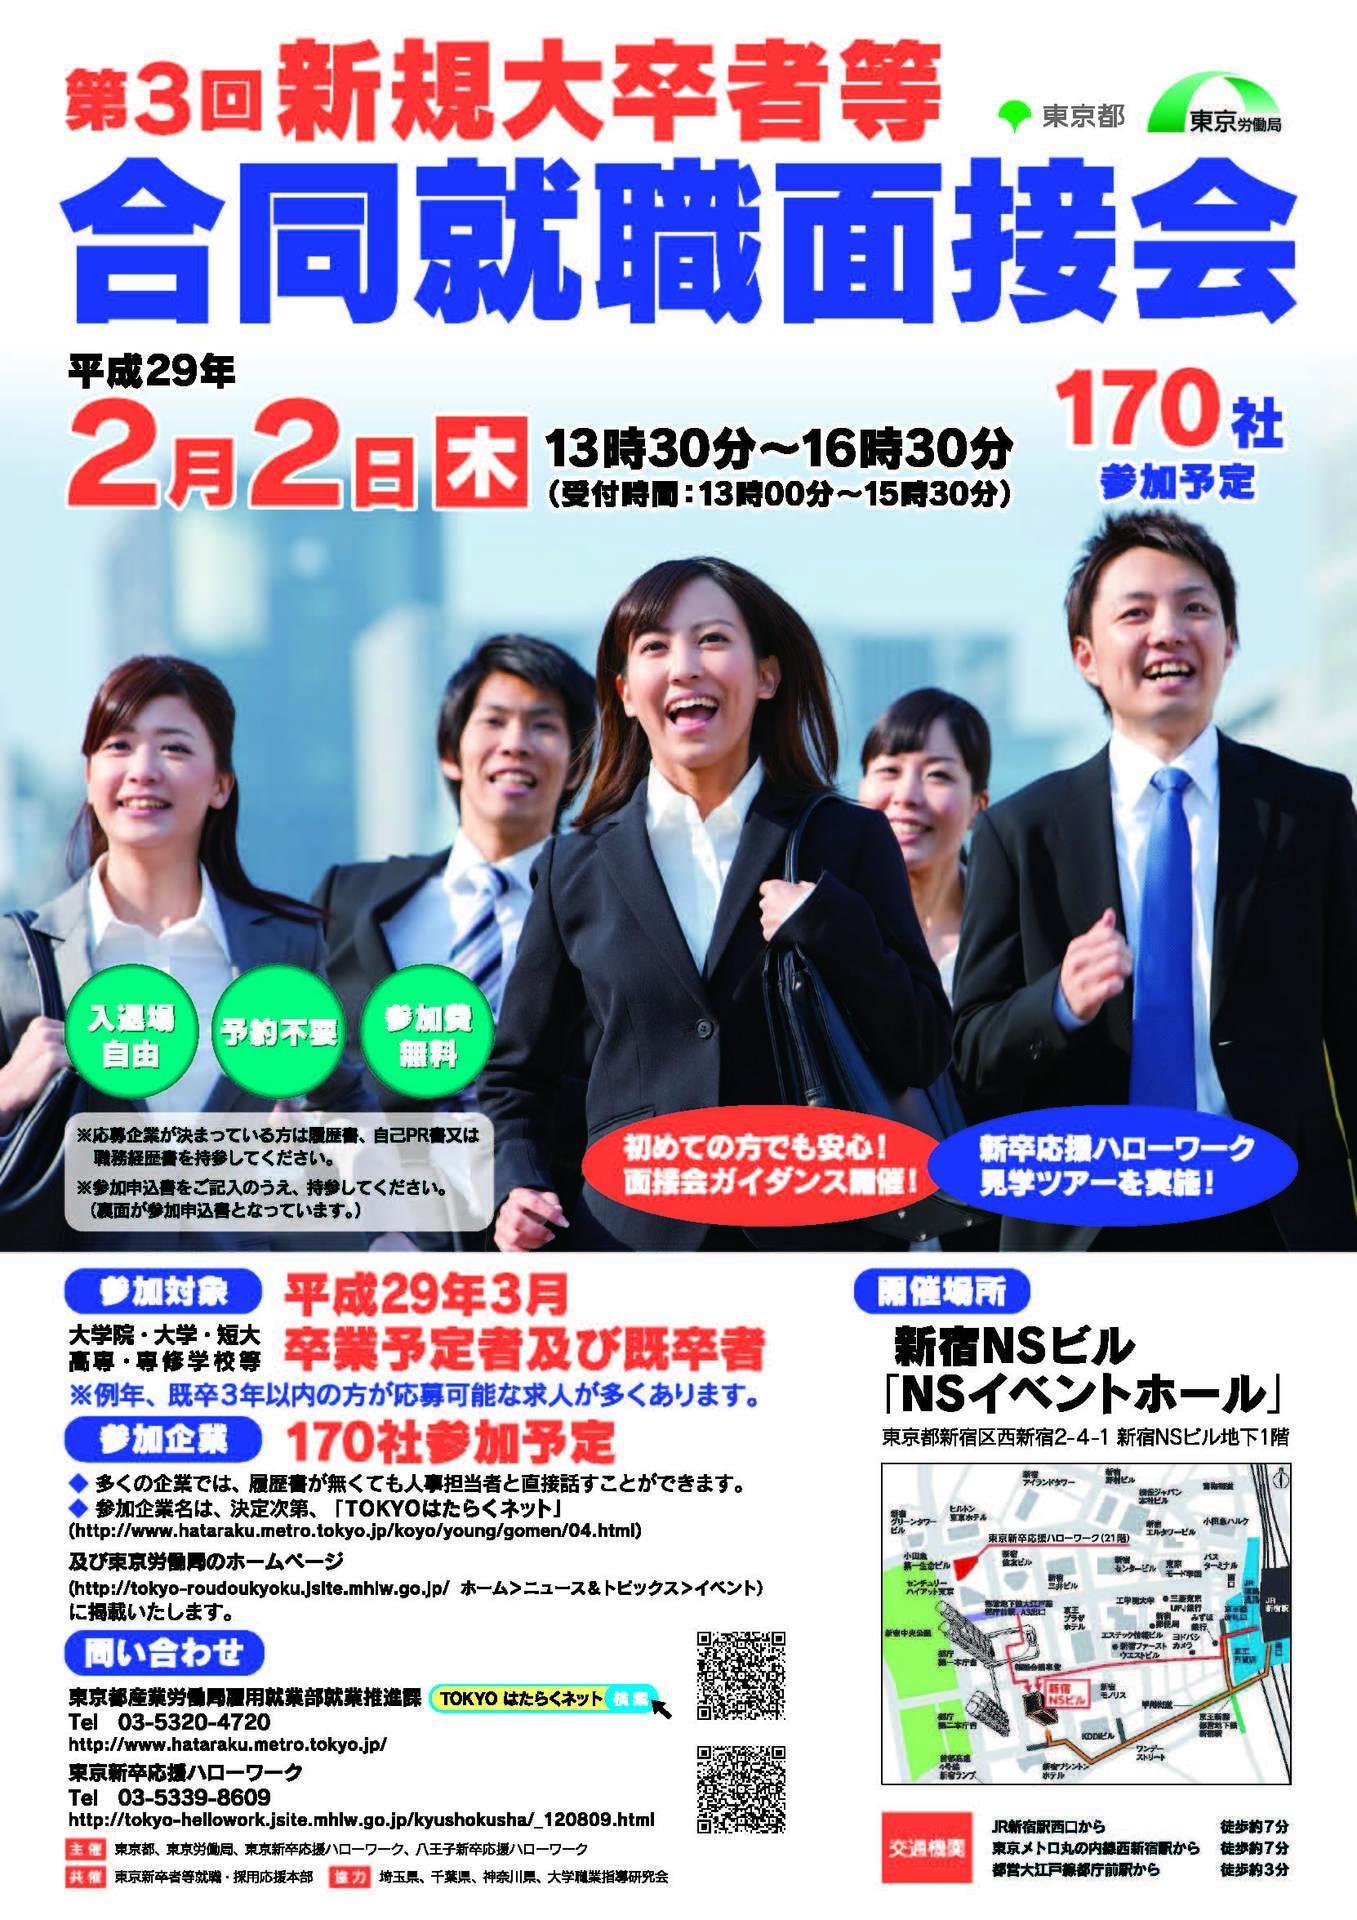 28JM4_chirashi.jpg